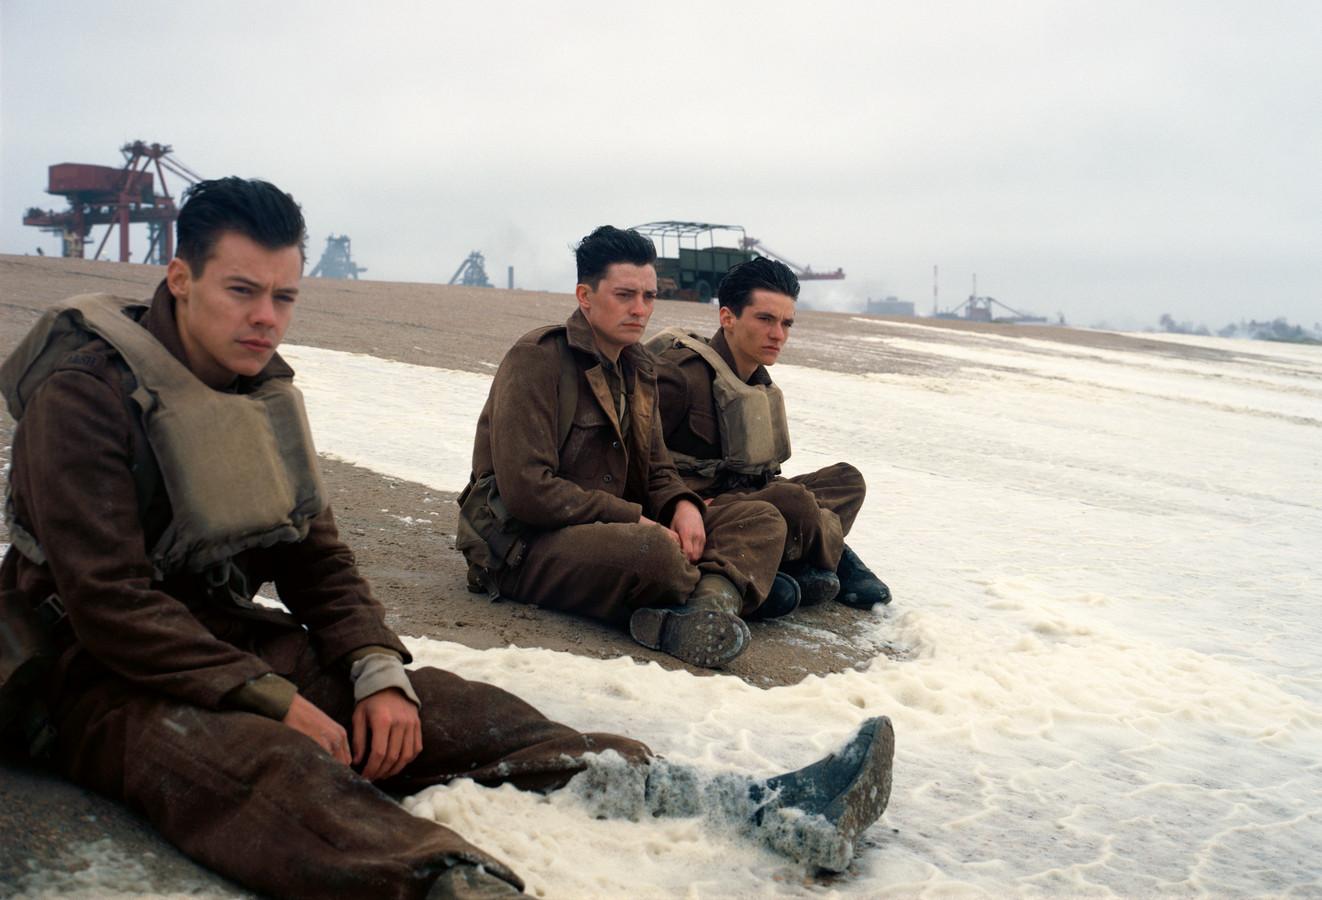 Dunkirk (2017) is vanavond om 20.30 uur te zien op Veronica.